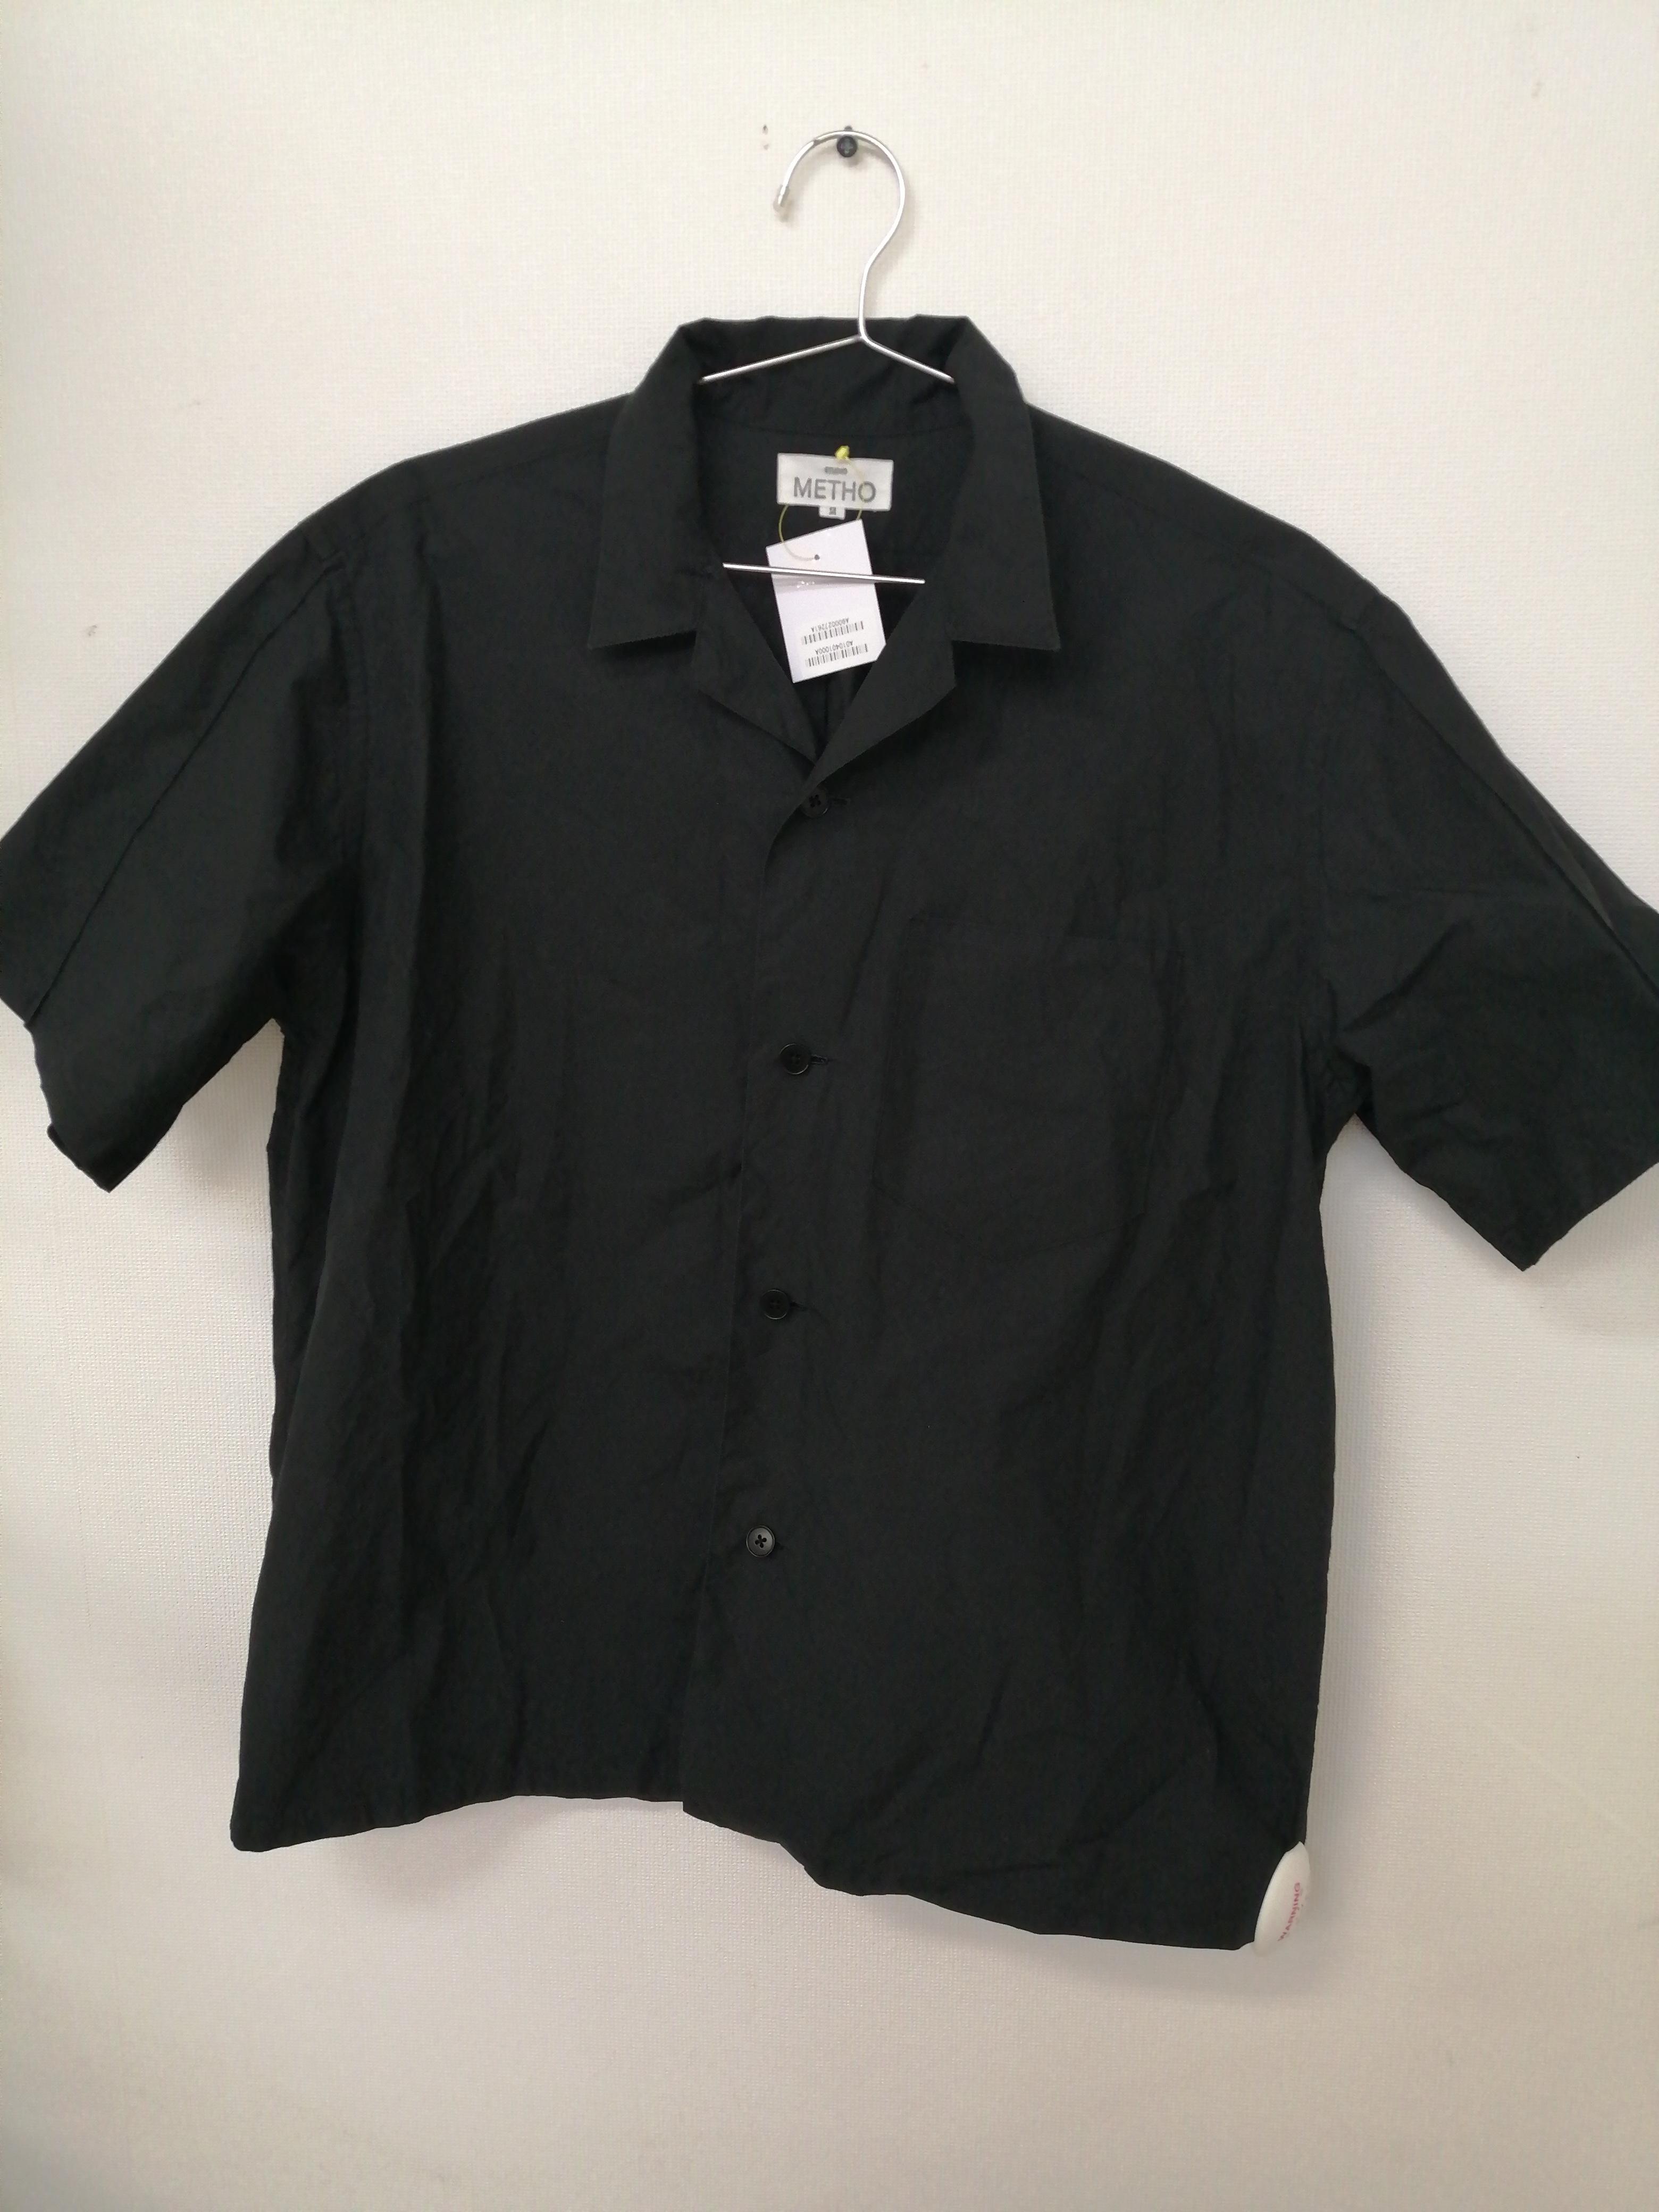 バッグデザインシャツ|METHO